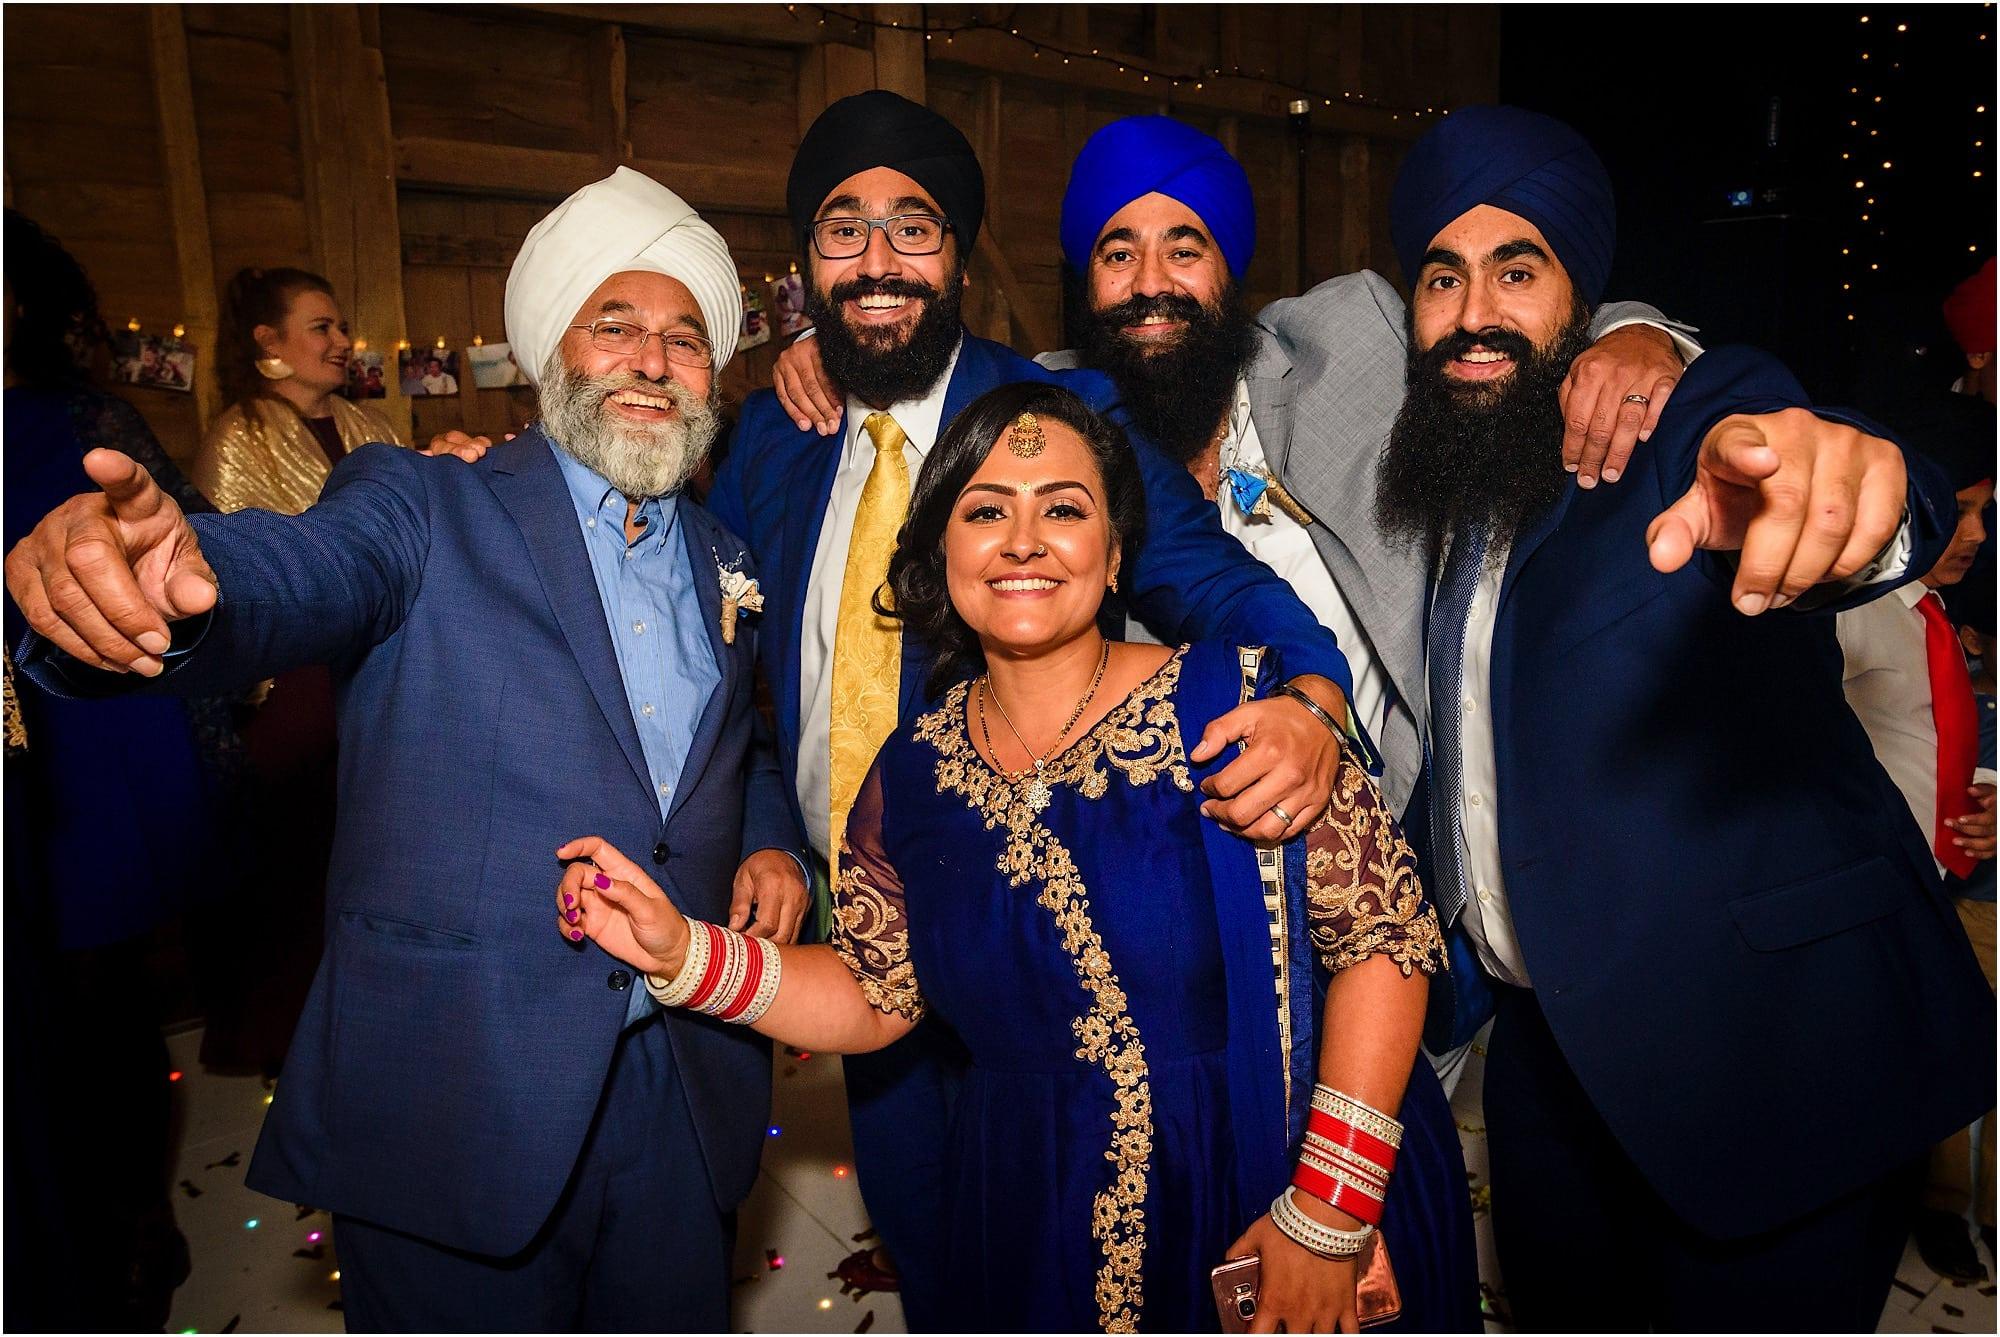 Sikh family group shot on the dancefloor